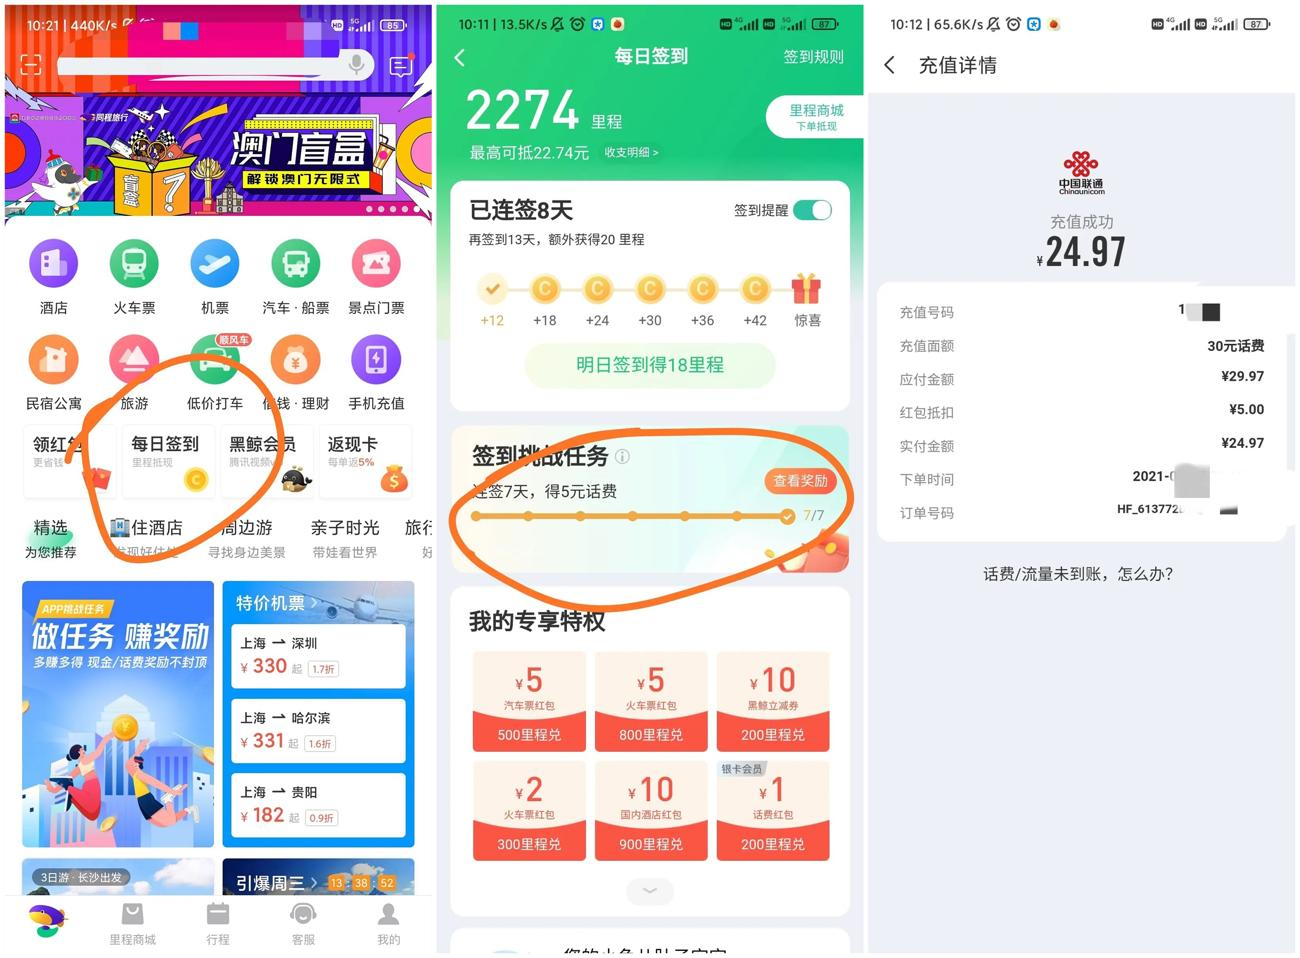 同程旅行老用户25充30元话费-QQ网域帝国-第3张图片